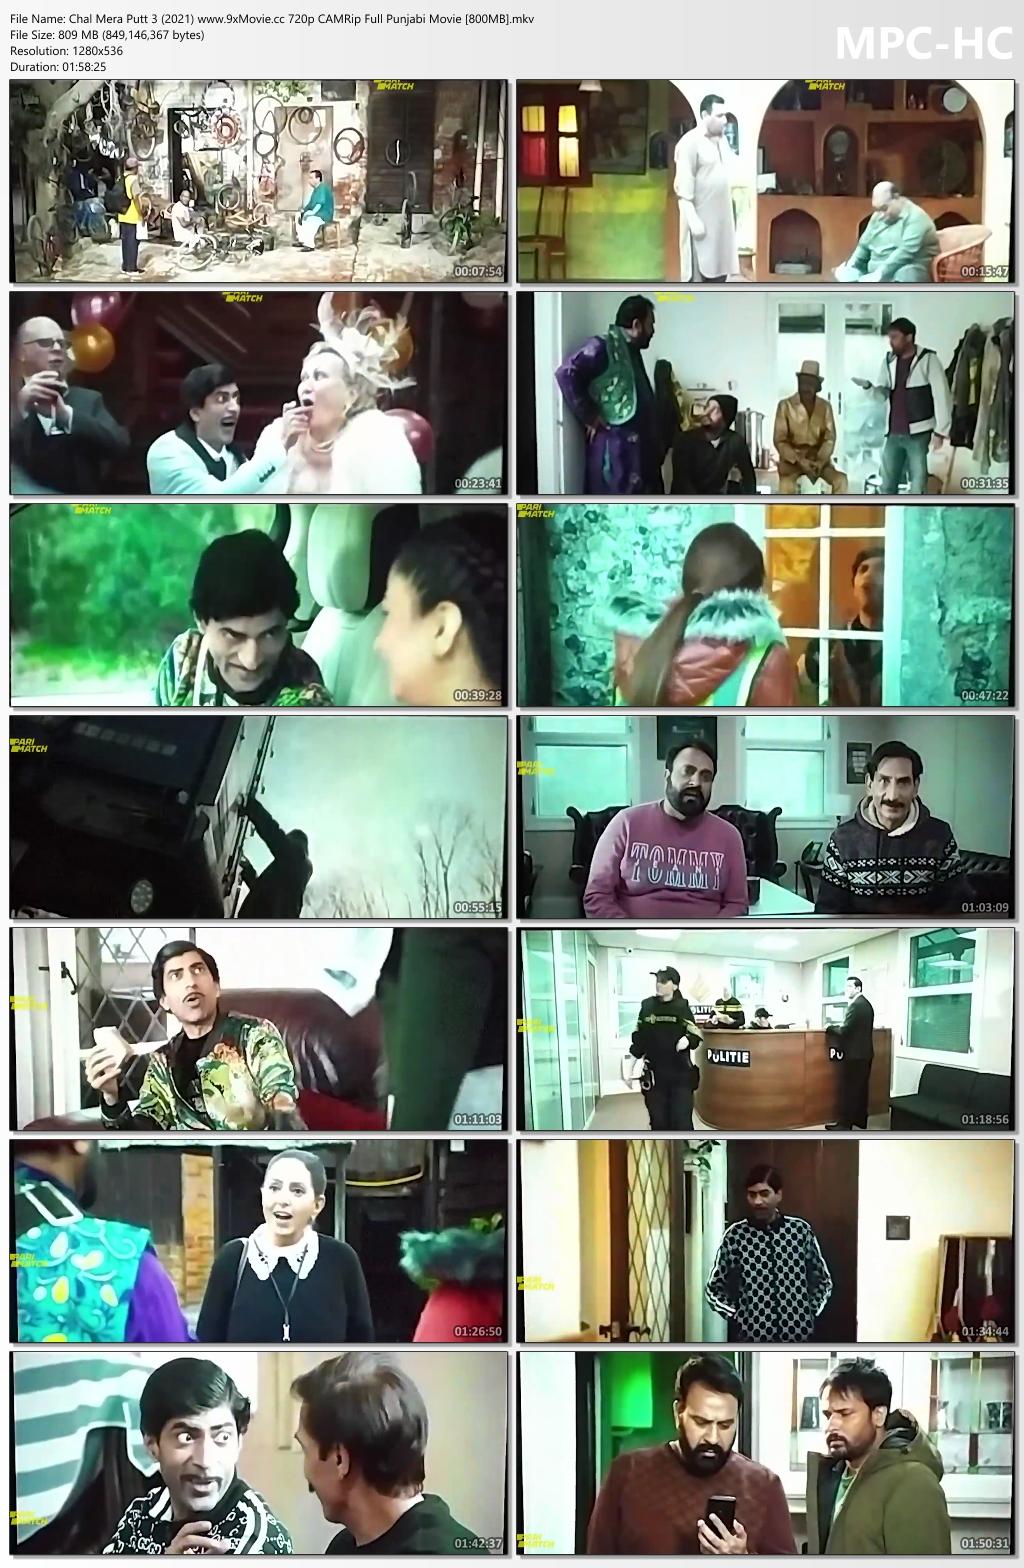 Chal-Mera-Putt-3-2021-www-9x-Movie-cc-720p-CAMRip-Full-Punjabi-Movie-800-MB-mkv